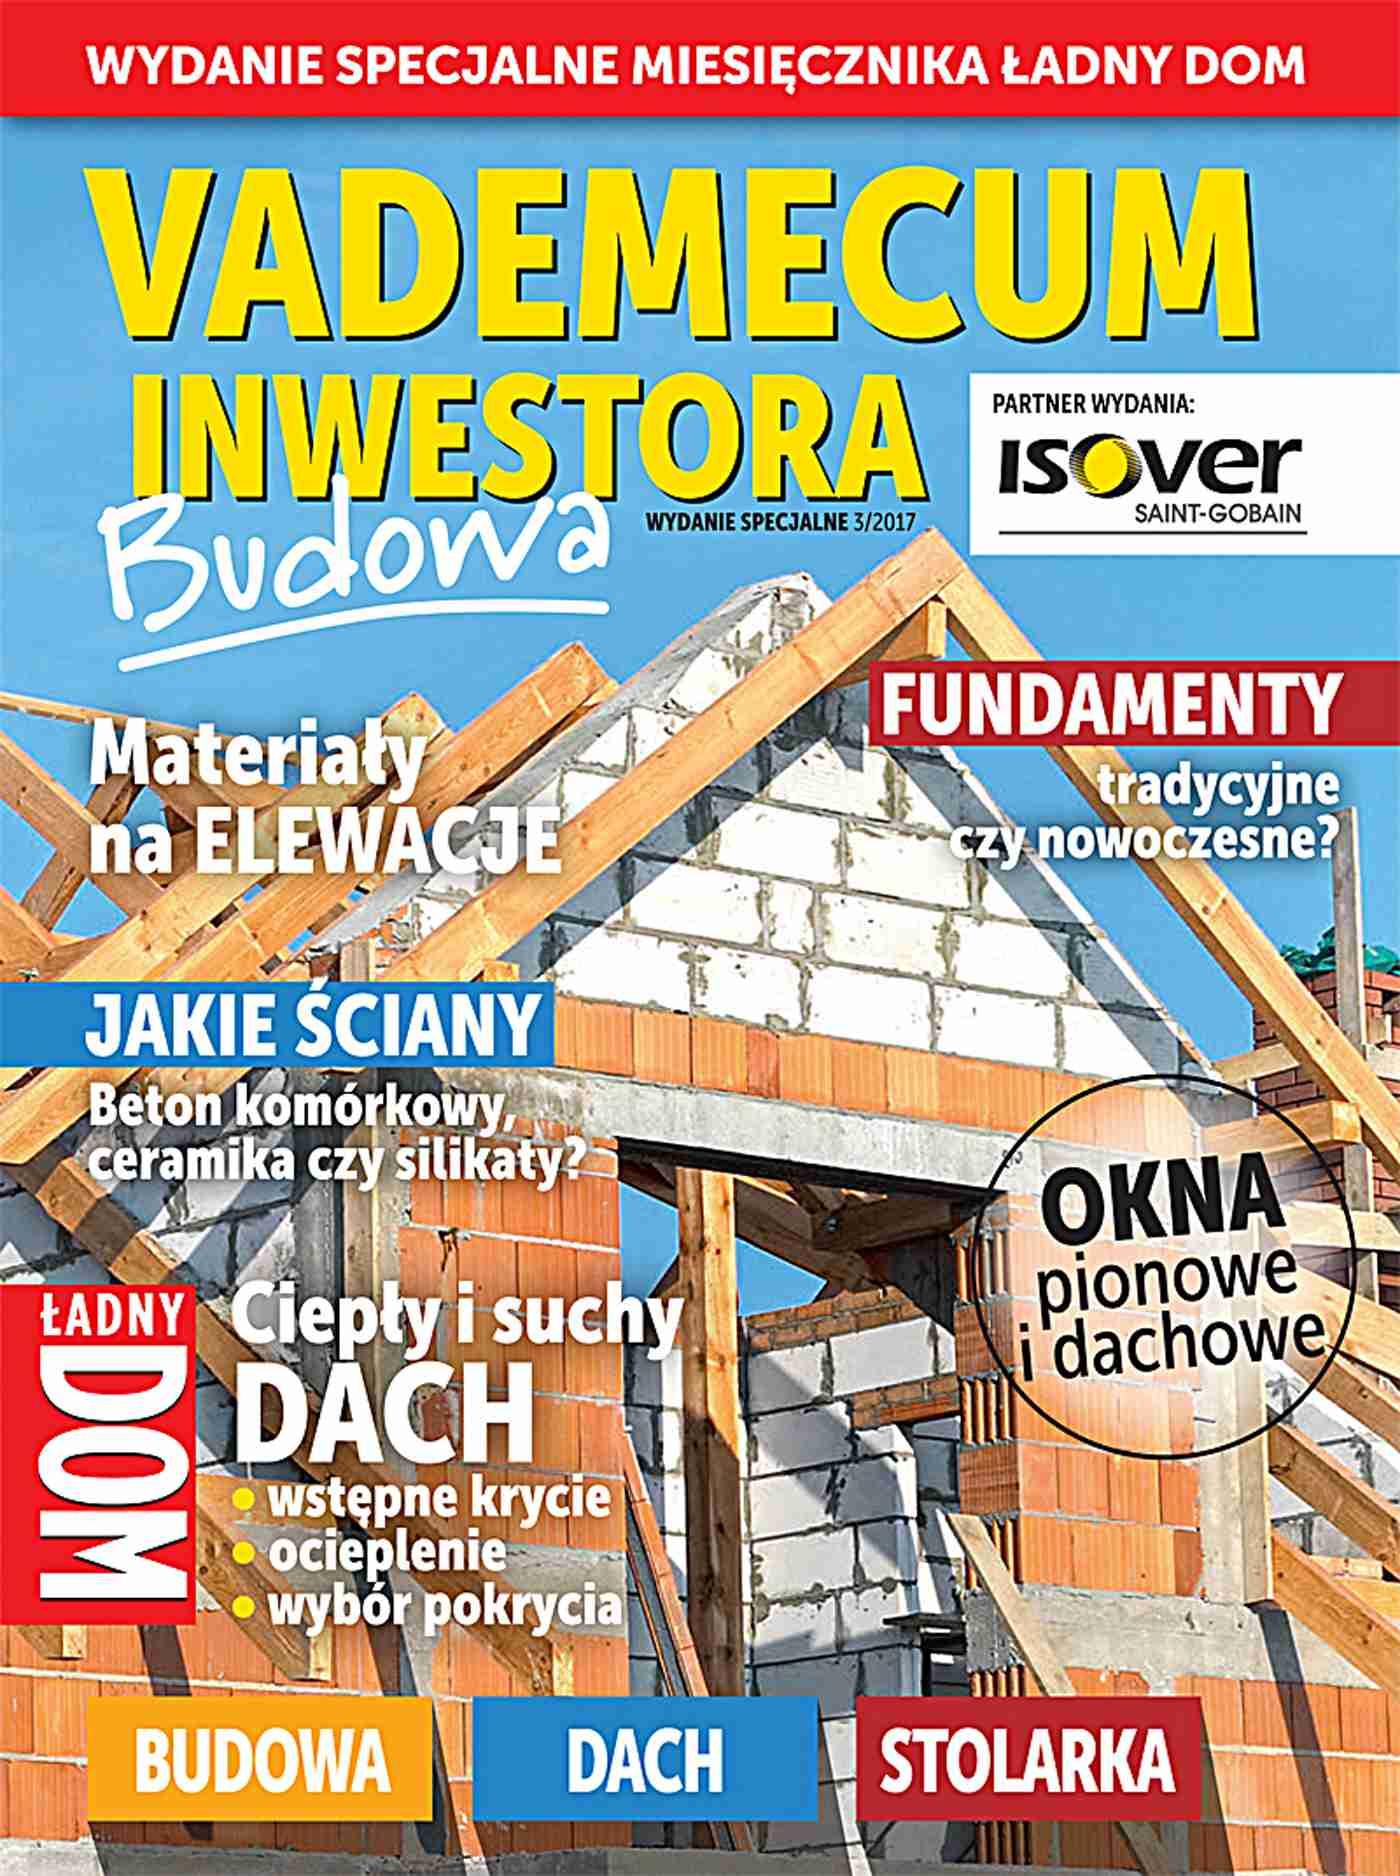 Vademecum inwestora. Okna pionowe i dachowe   Ładny Dom. Wydanie Specjalne 3/2017 - Ebook (Książka PDF) do pobrania w formacie PDF